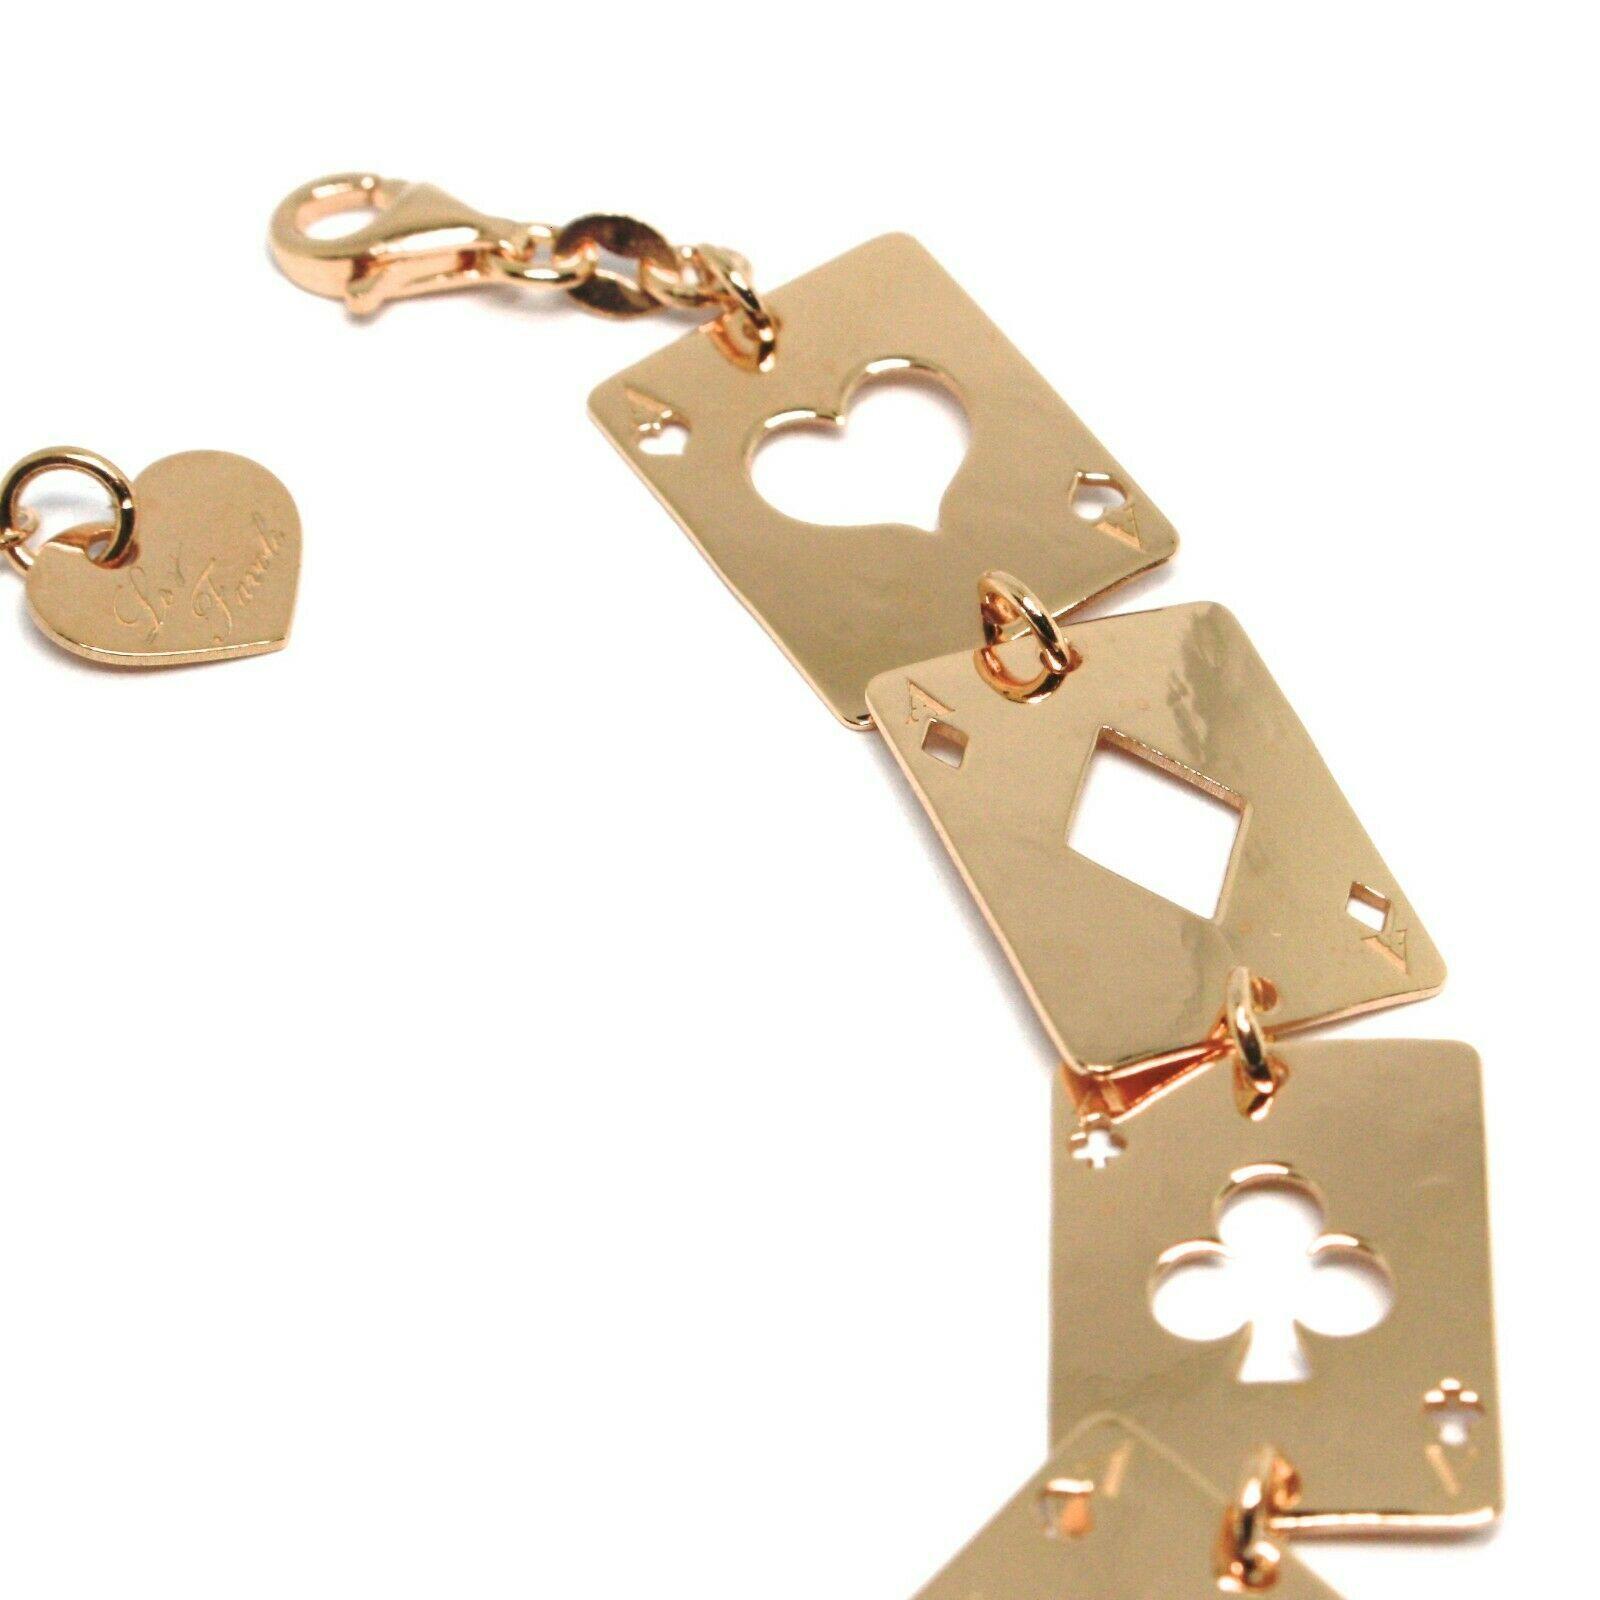 Bracelet en Argent 925,Jeu de Cartes,Fleurs,Carreaux,Cœurs,Pique ,le Favole